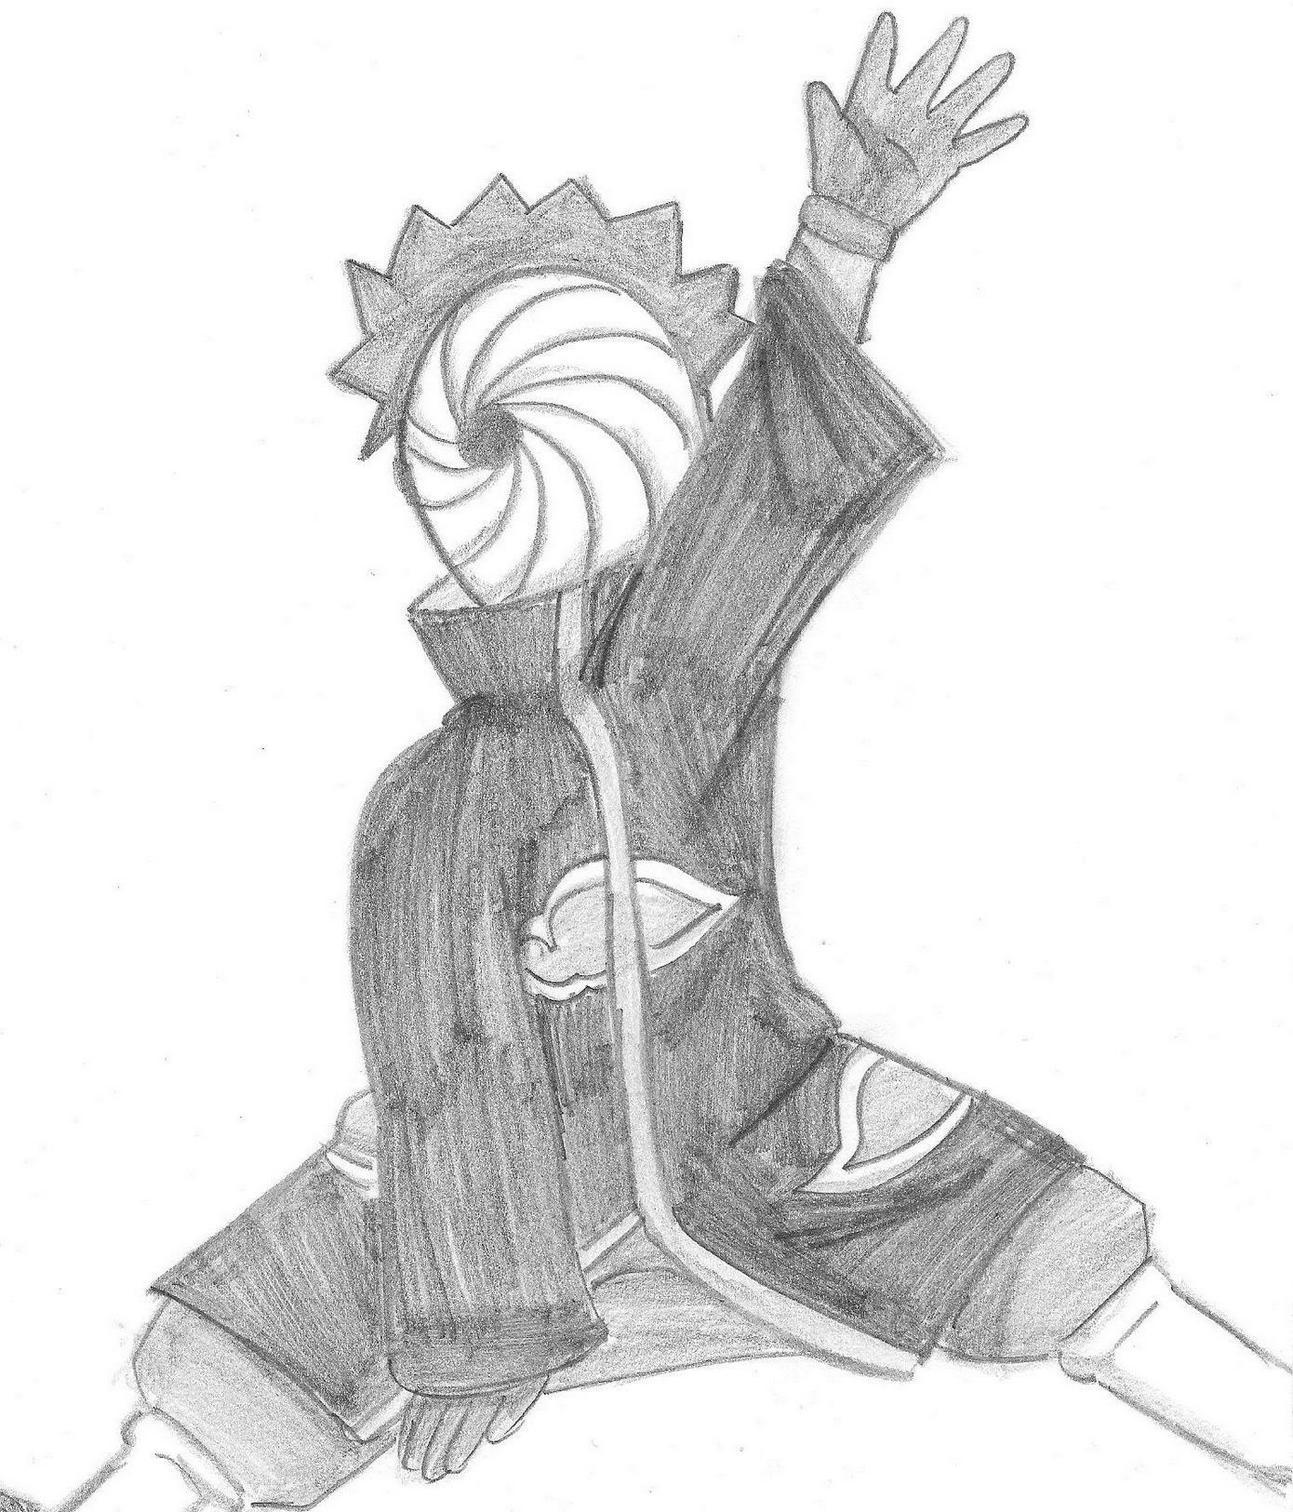 Naruto The Way Of Naruto Chibi Tobi De Chibi Sasuke